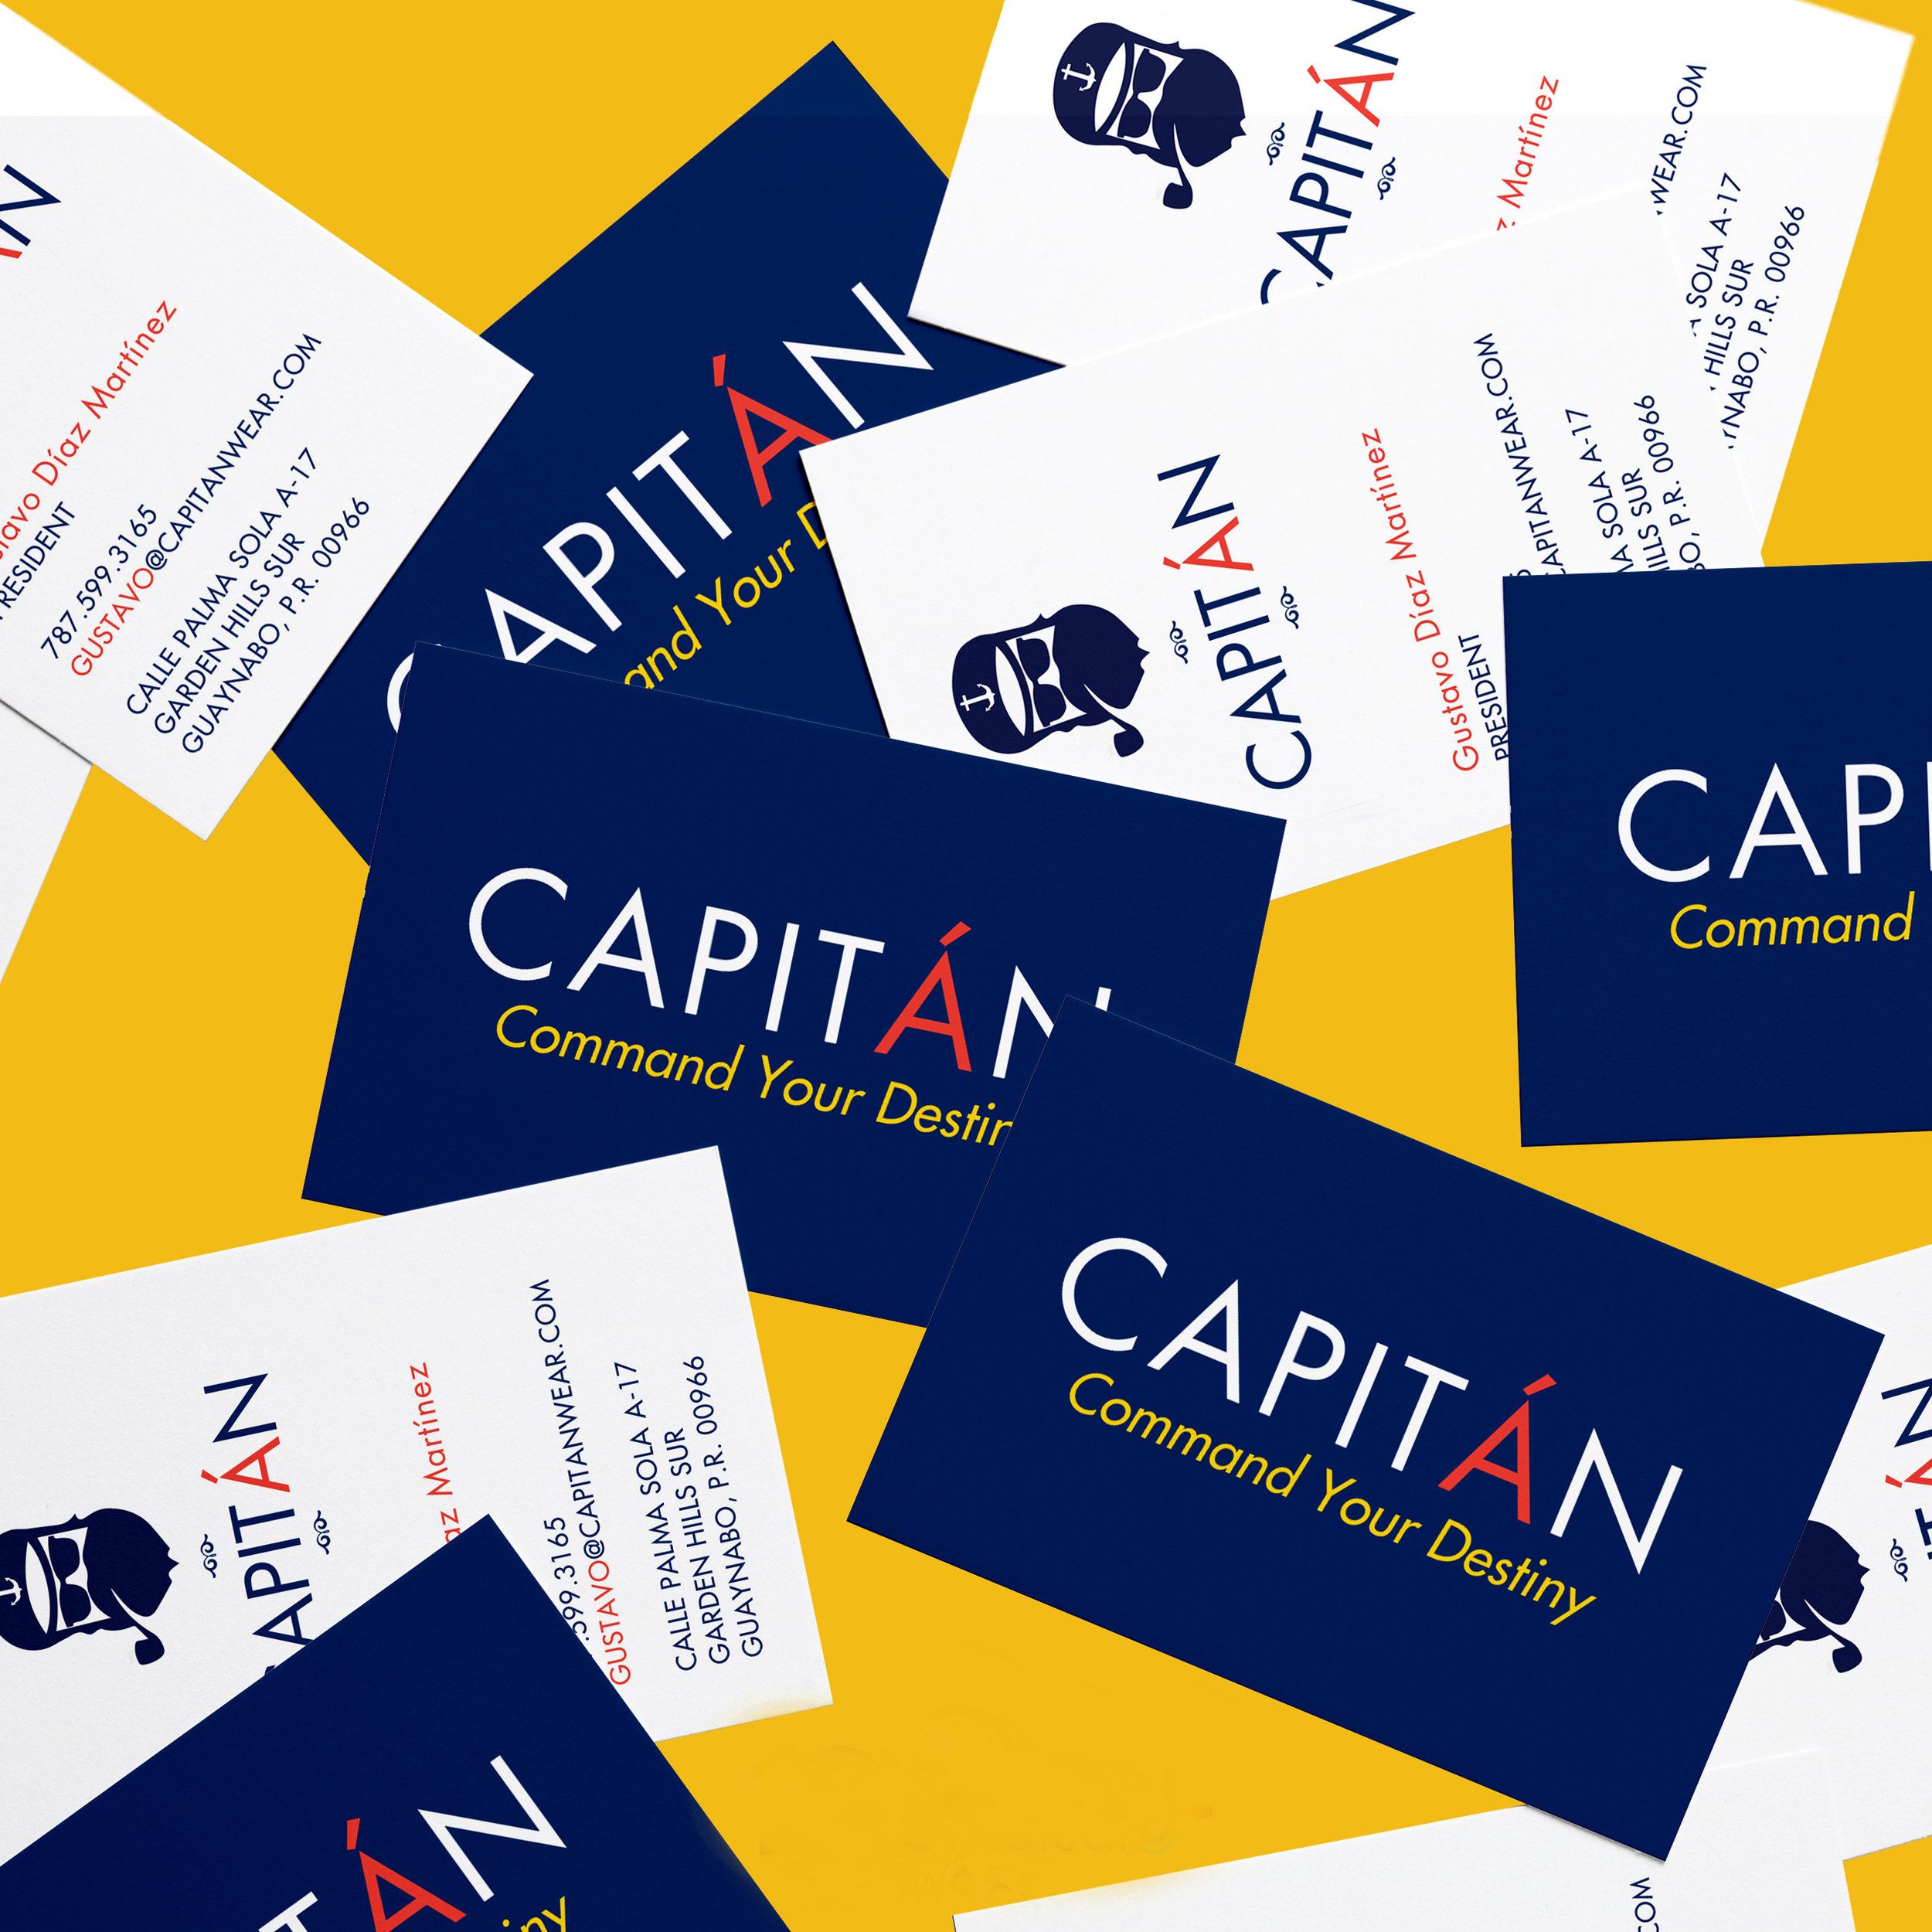 capitan2.jpg